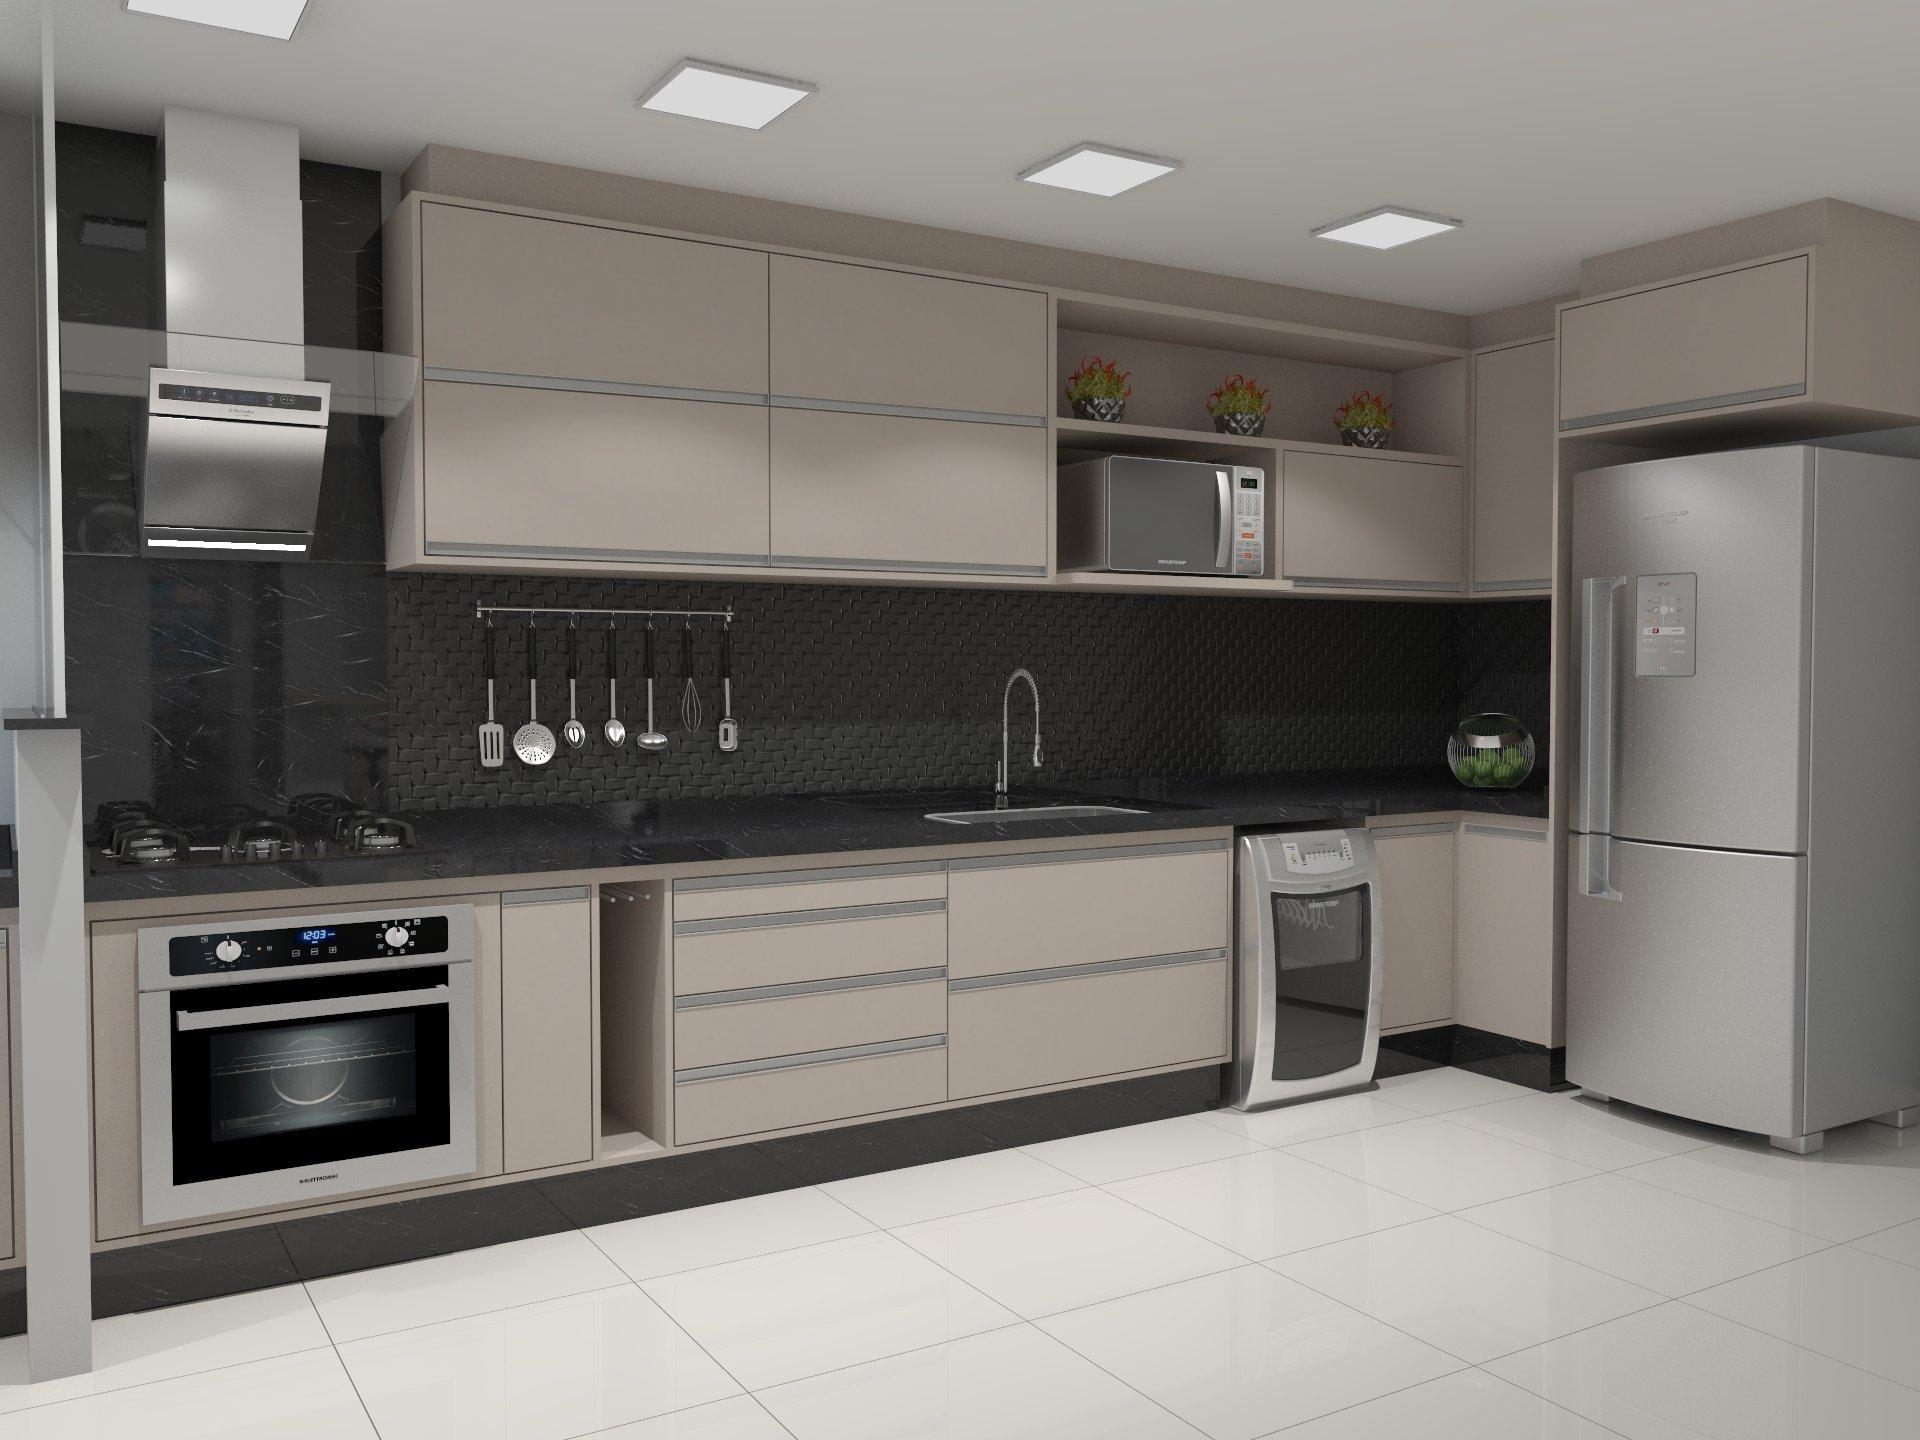 Decoração de cozinha planejada - Cozinha planejada